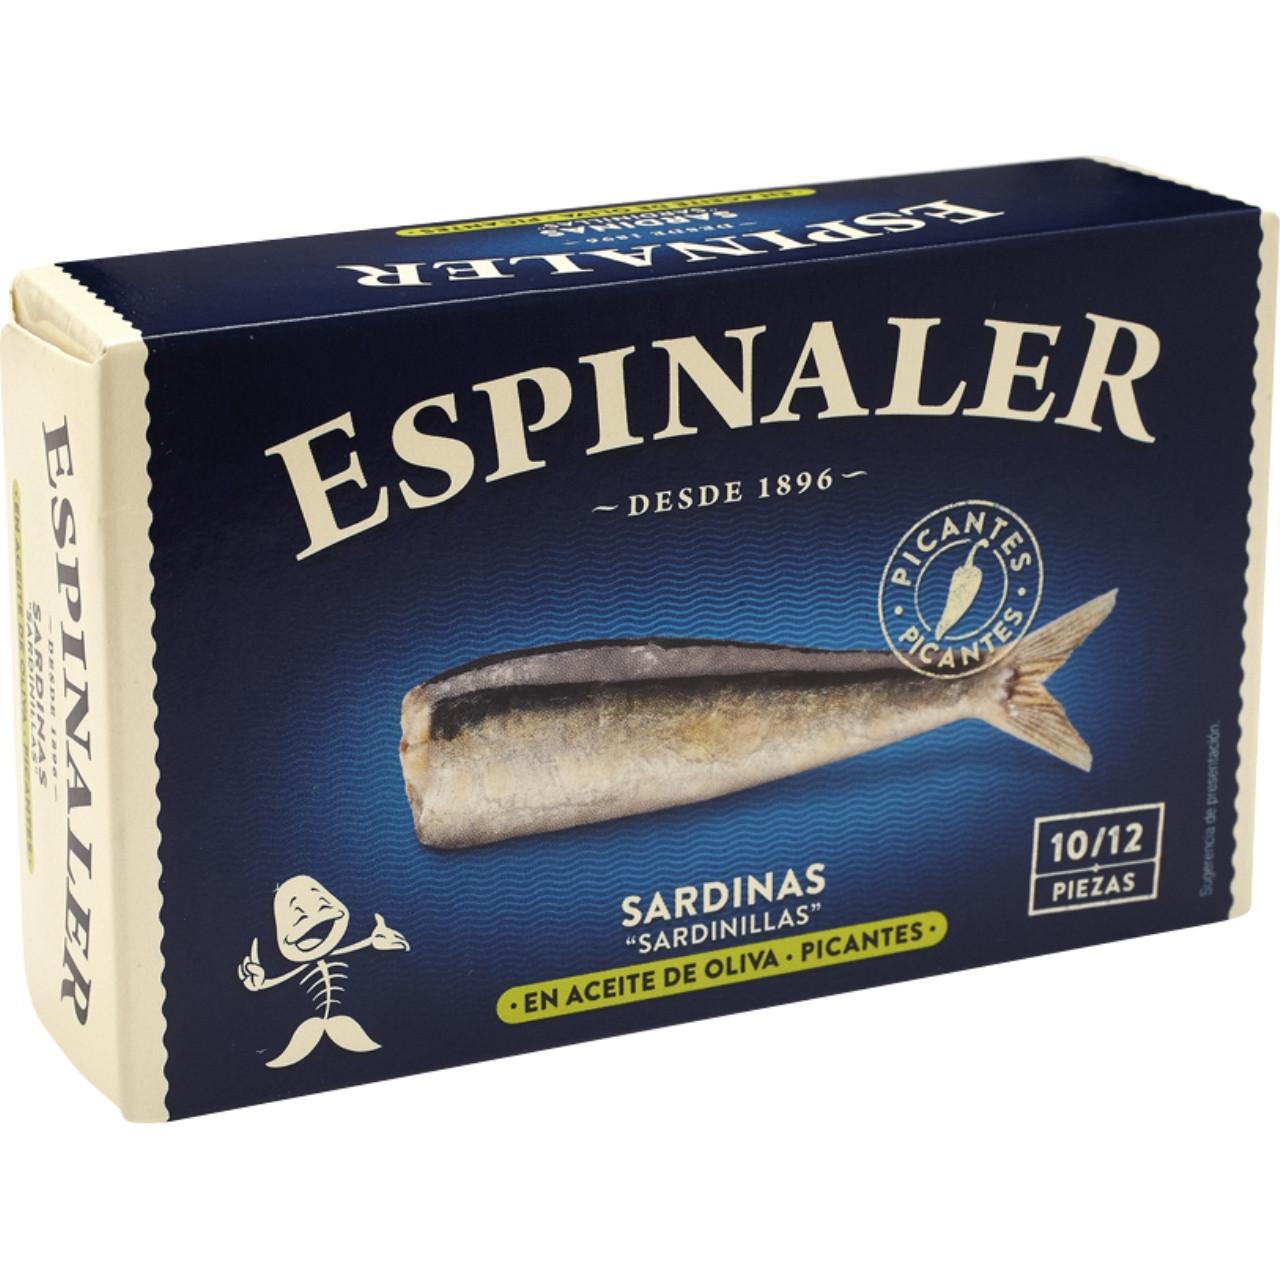 Espinaler sardinetes picants rr-125 10/12